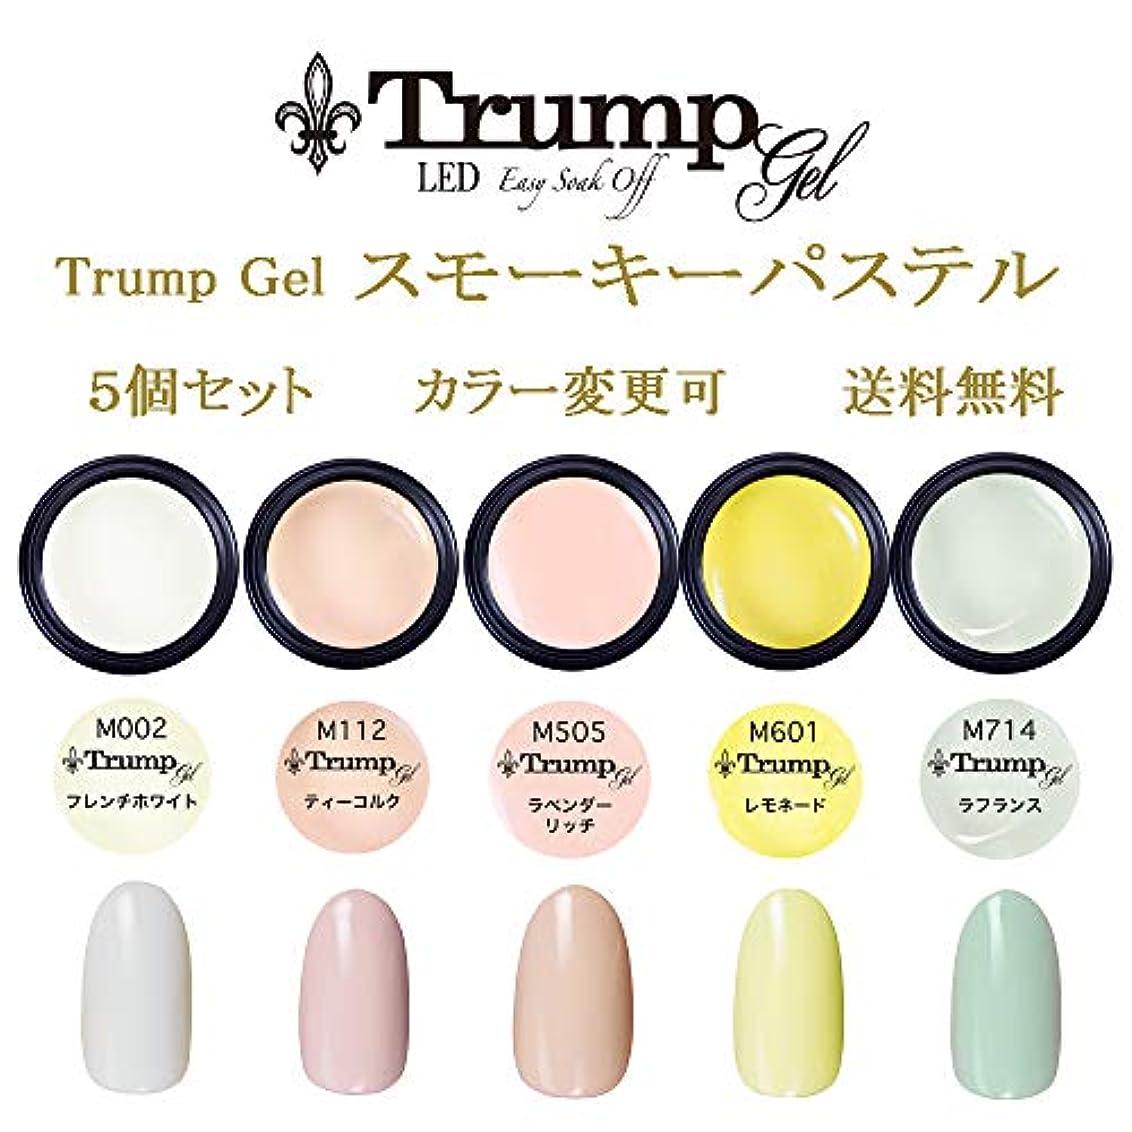 オーストラリア健康的主婦日本製 Trump gel トランプジェル スモーキー パステルカラー 選べる カラージェル5個セット ホワイト ベージュ ピンク イエロー グリーン